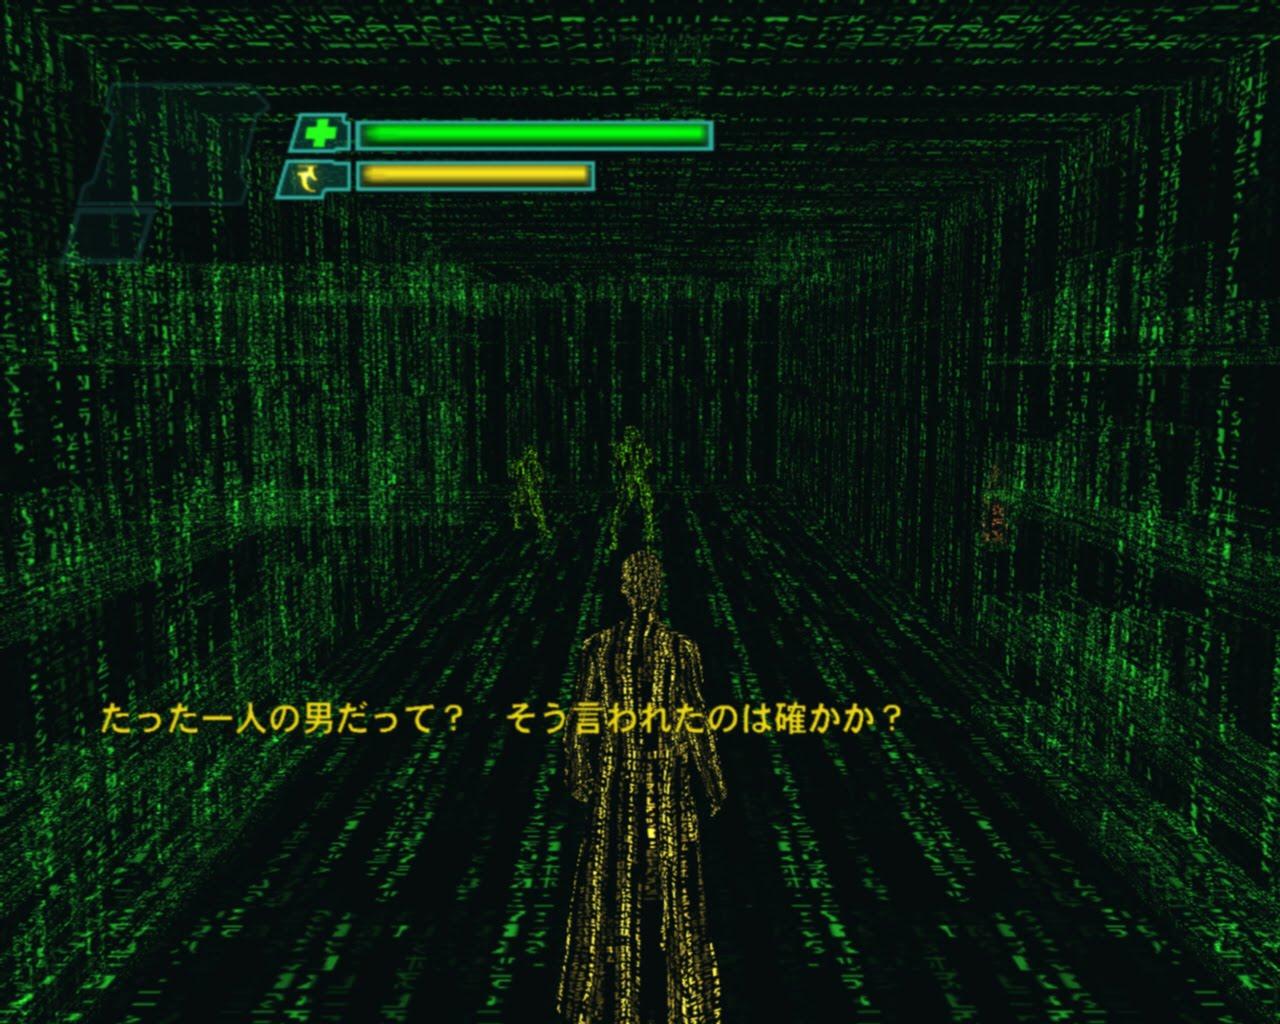 http://2.bp.blogspot.com/-83nwyHw1GAc/T9j19JrrXiI/AAAAAAAFHu8/jAuDrDQ_tRI/s1600/Matrix%2B-%2BPath%2Bof%2BNeo%2B%252805%2529.jpg